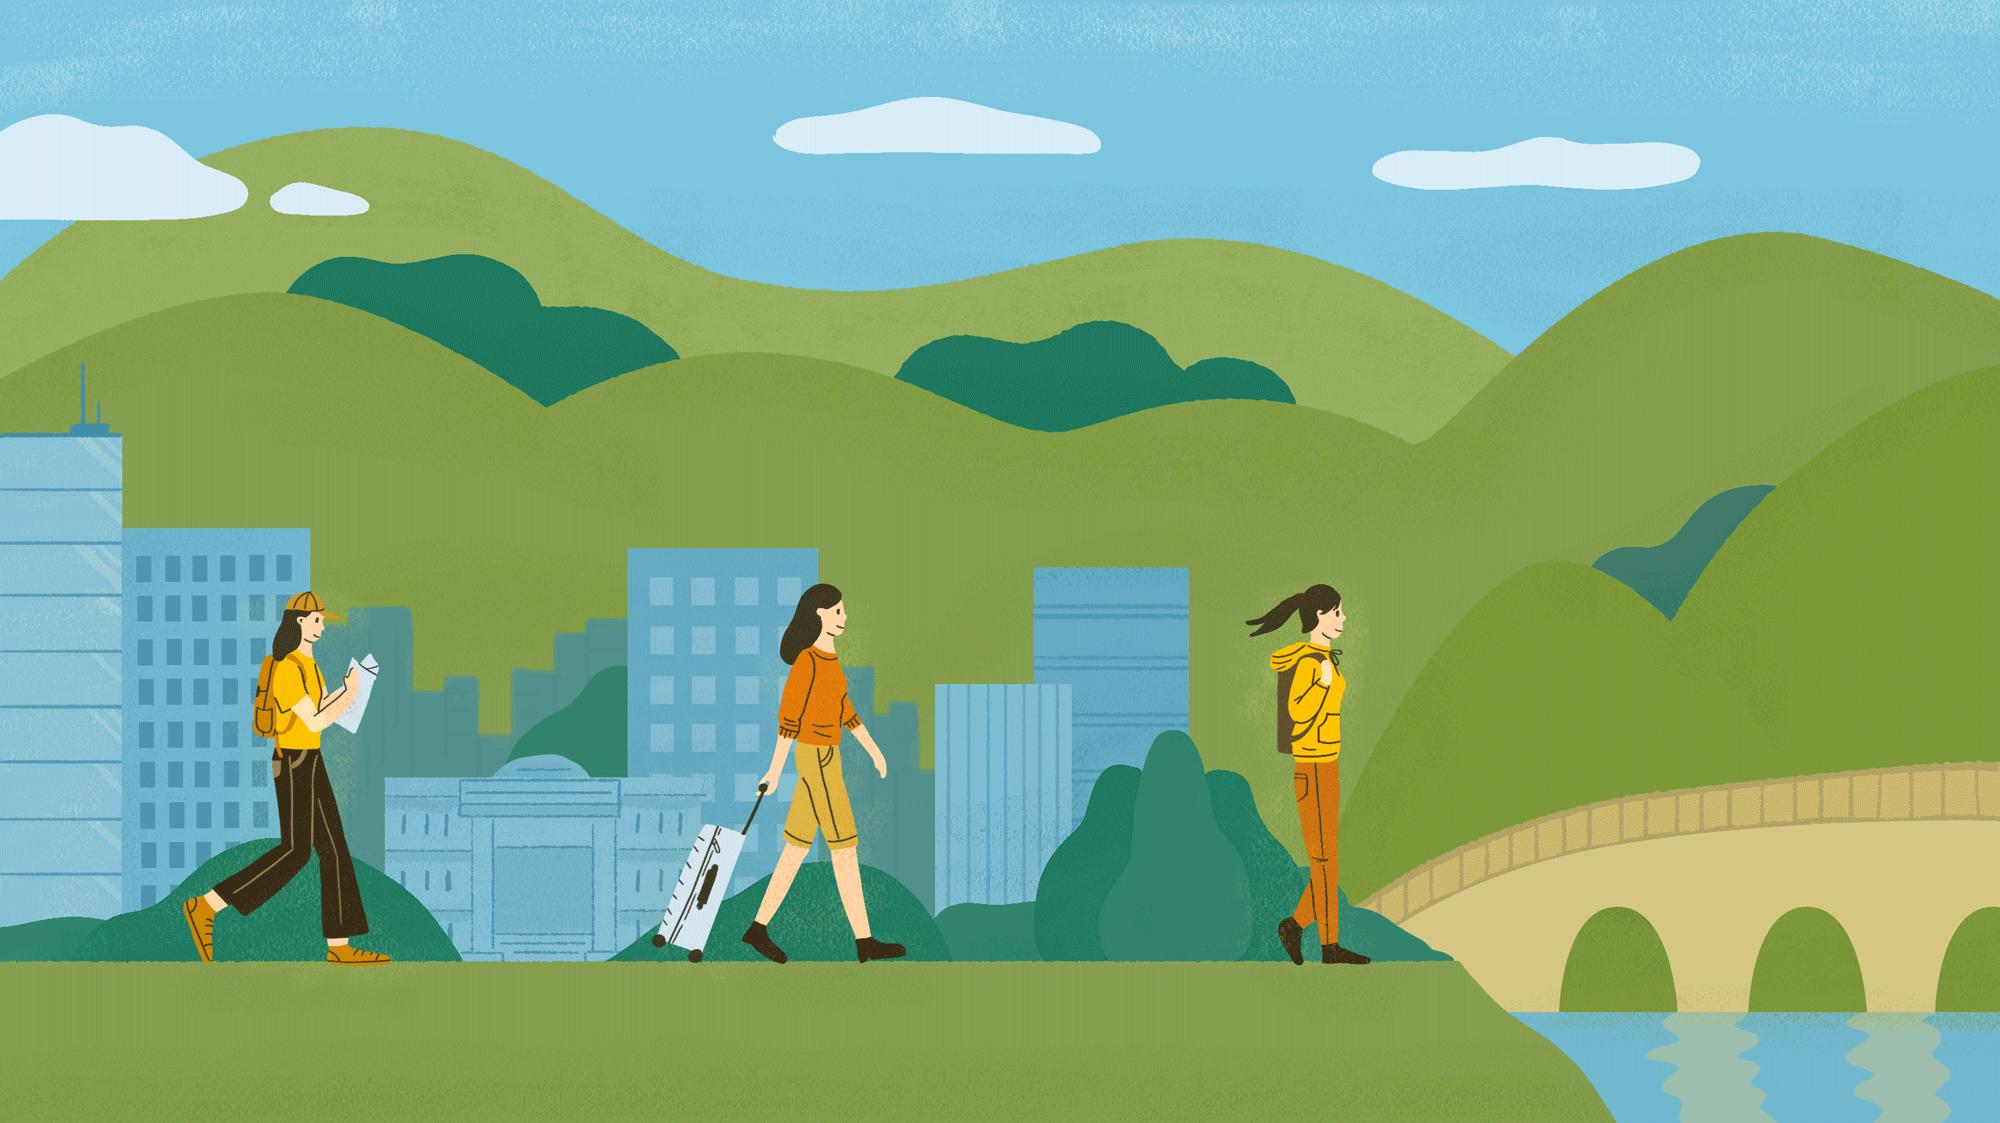 Làm thế nào để du lịch một mình không lạc lõng?